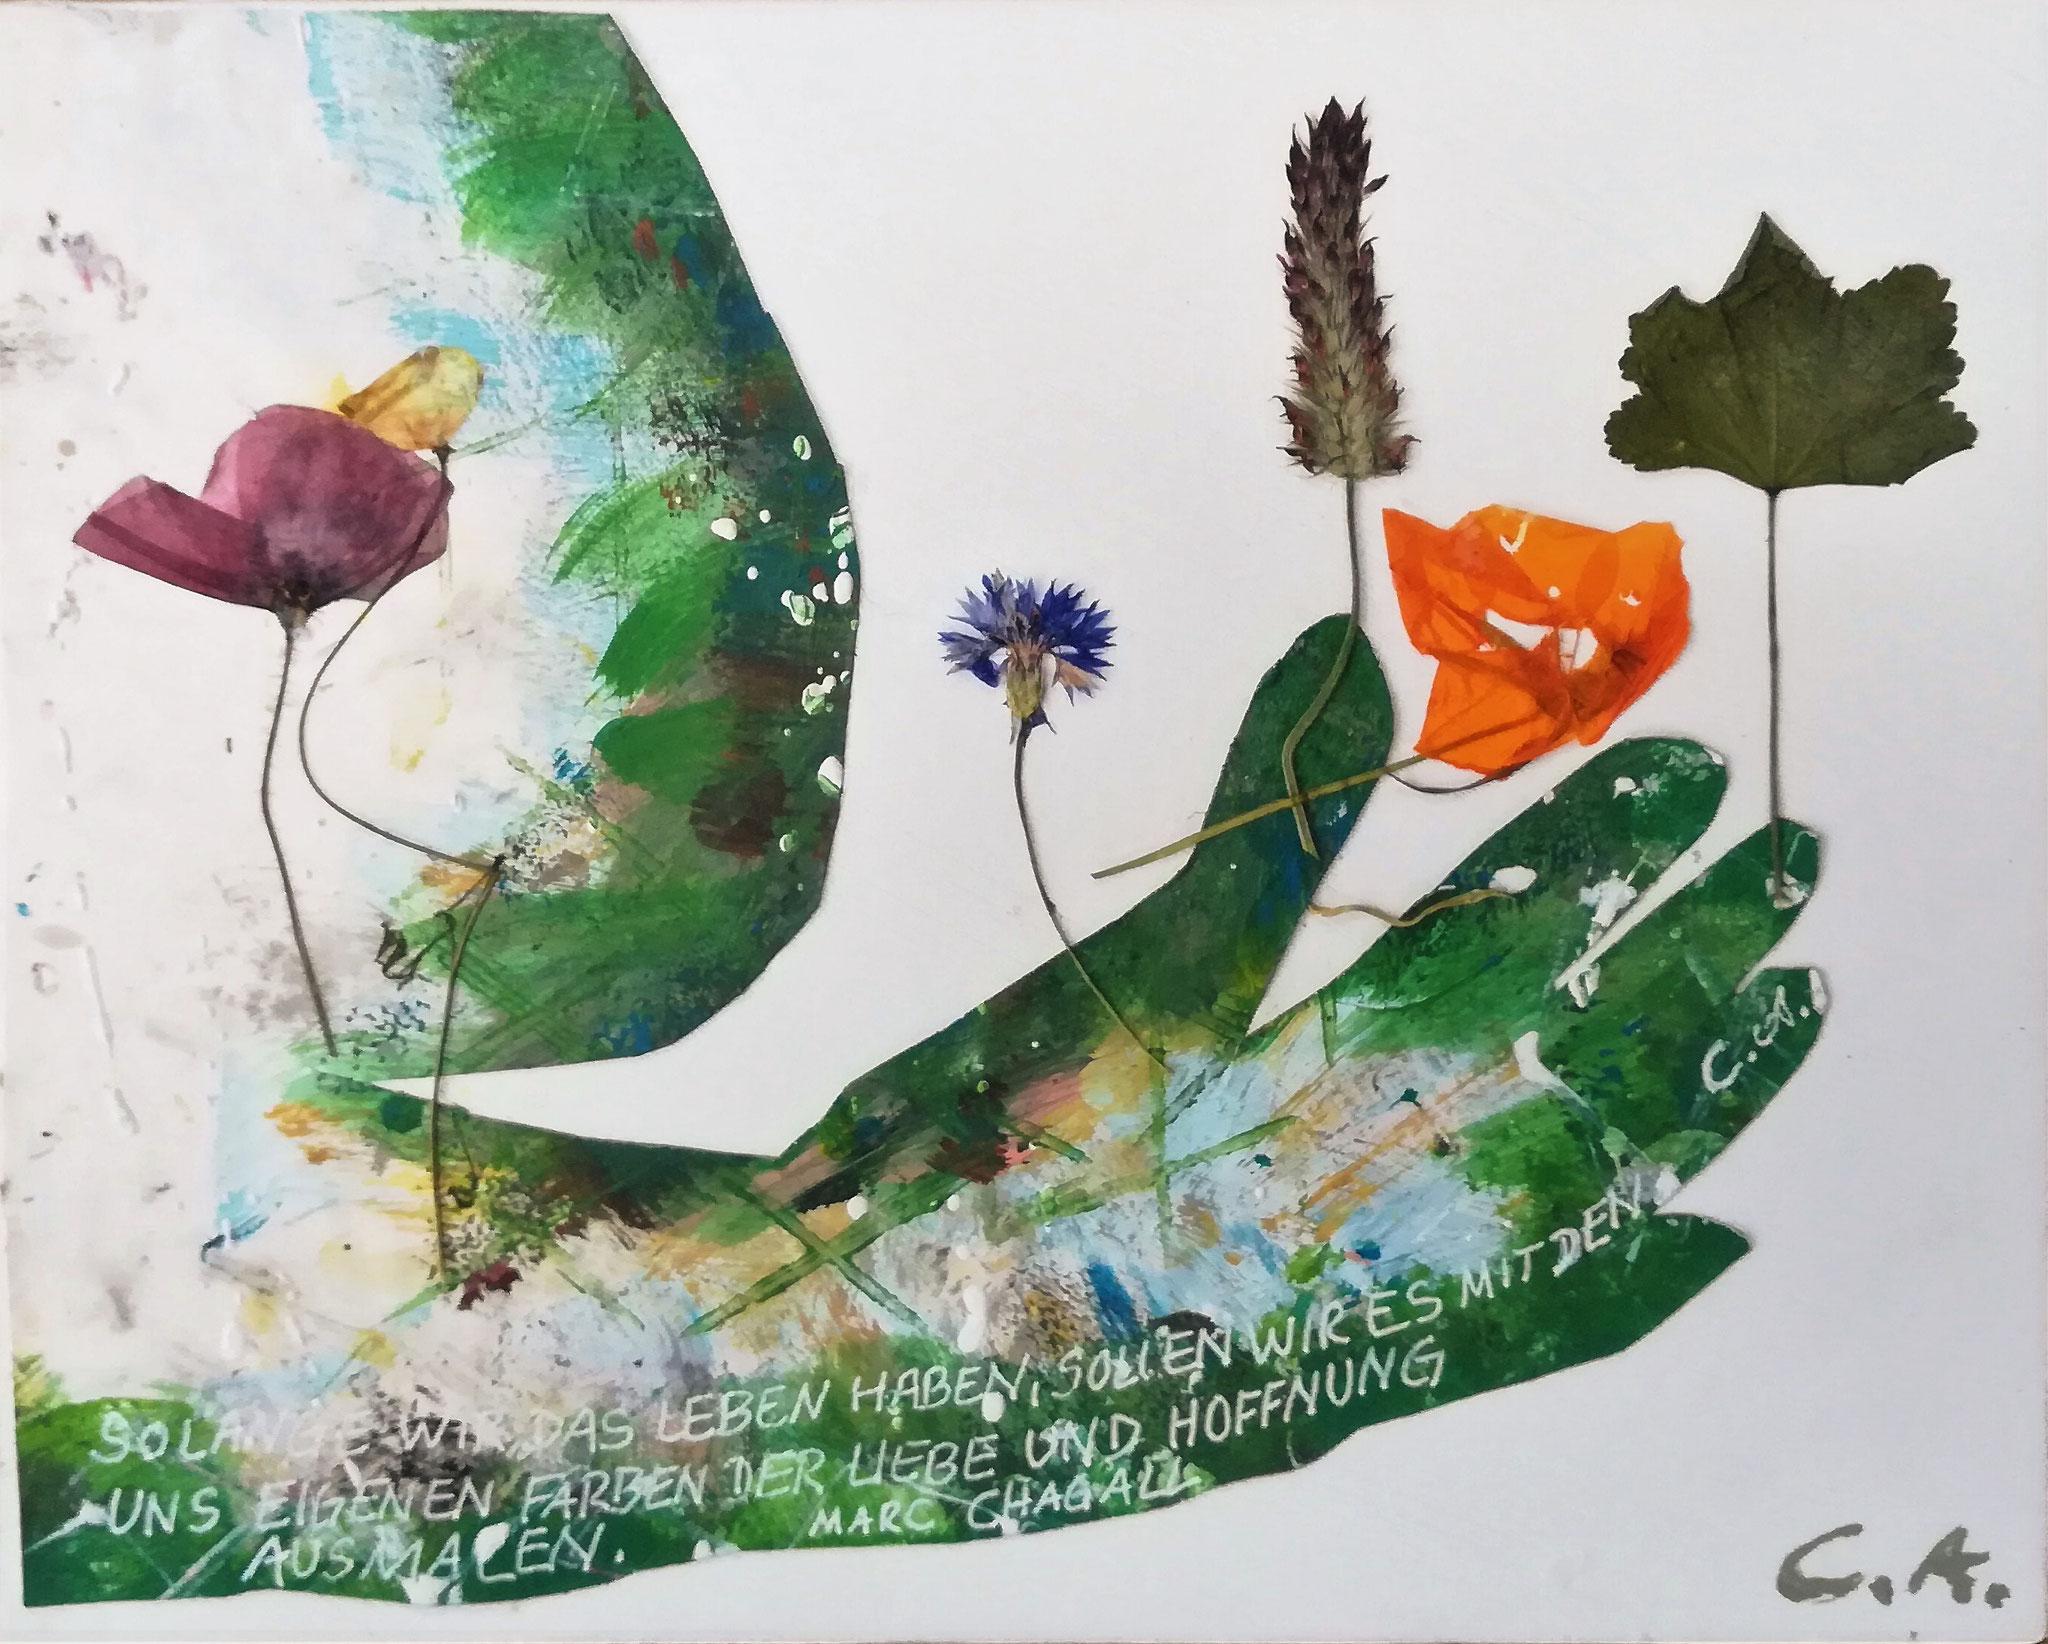 Leben Liebe Hoffnung, 20x30, Kollage mit Naturblüten für das Projekt Tugenden, 2020